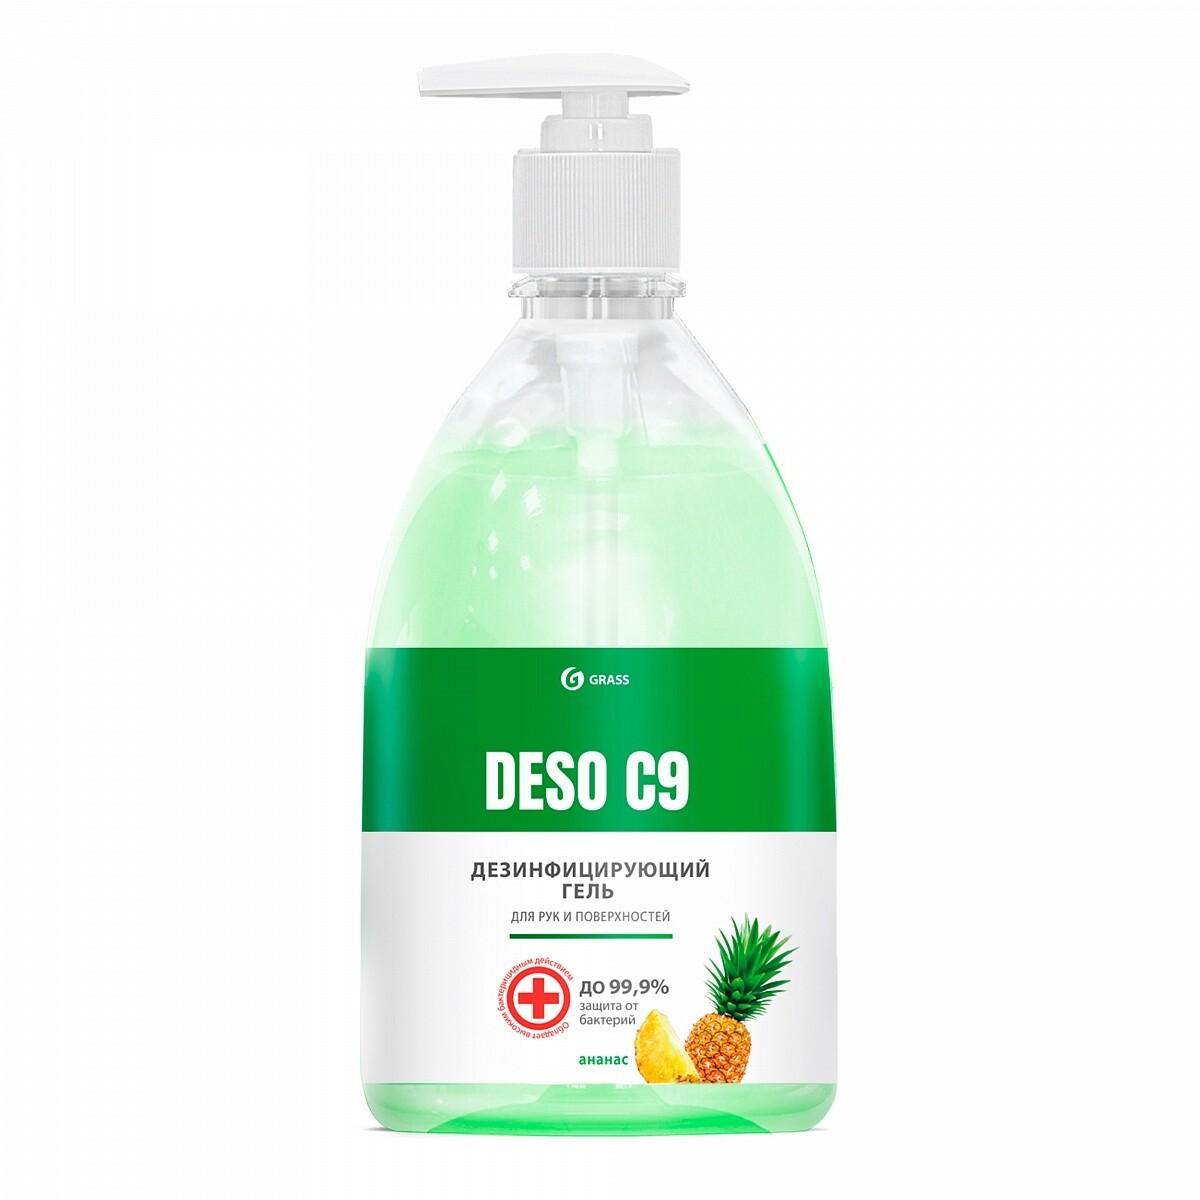 Дезинфицирующее средство на основе изопропилового спирта DESO C9 гель (ананас), 500 мл